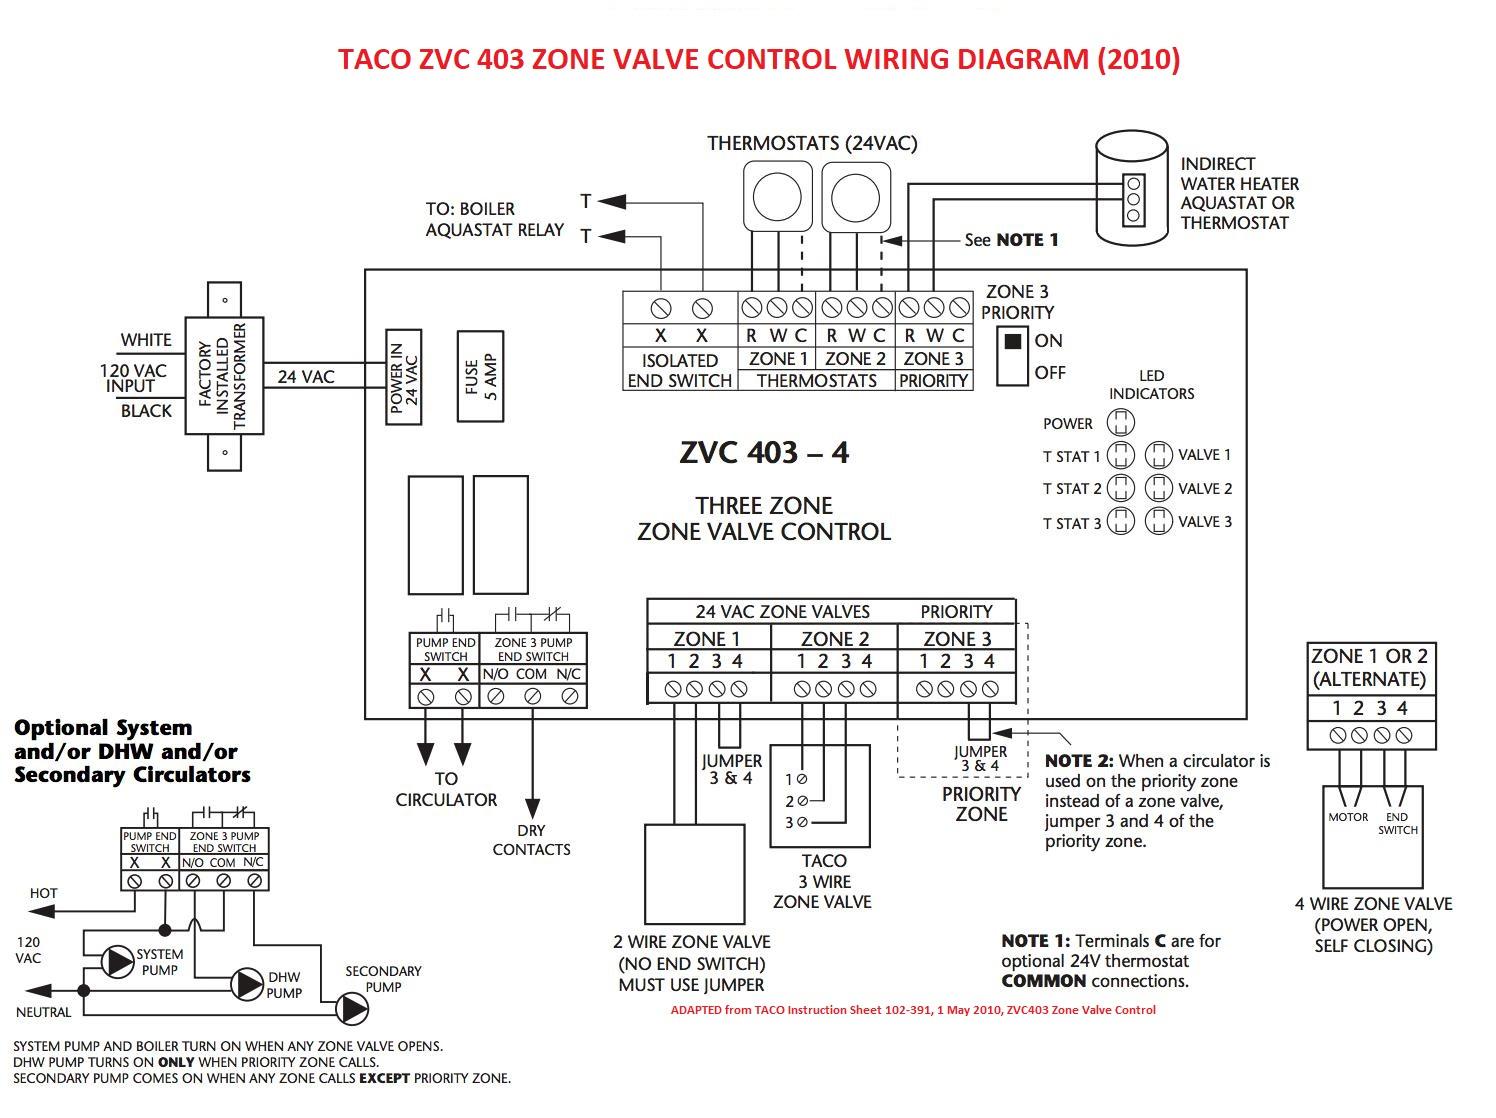 Honeywell Zone Valve Wiring Schematic | Wiring Diagram - Honeywell Zone Valve Wiring Diagram